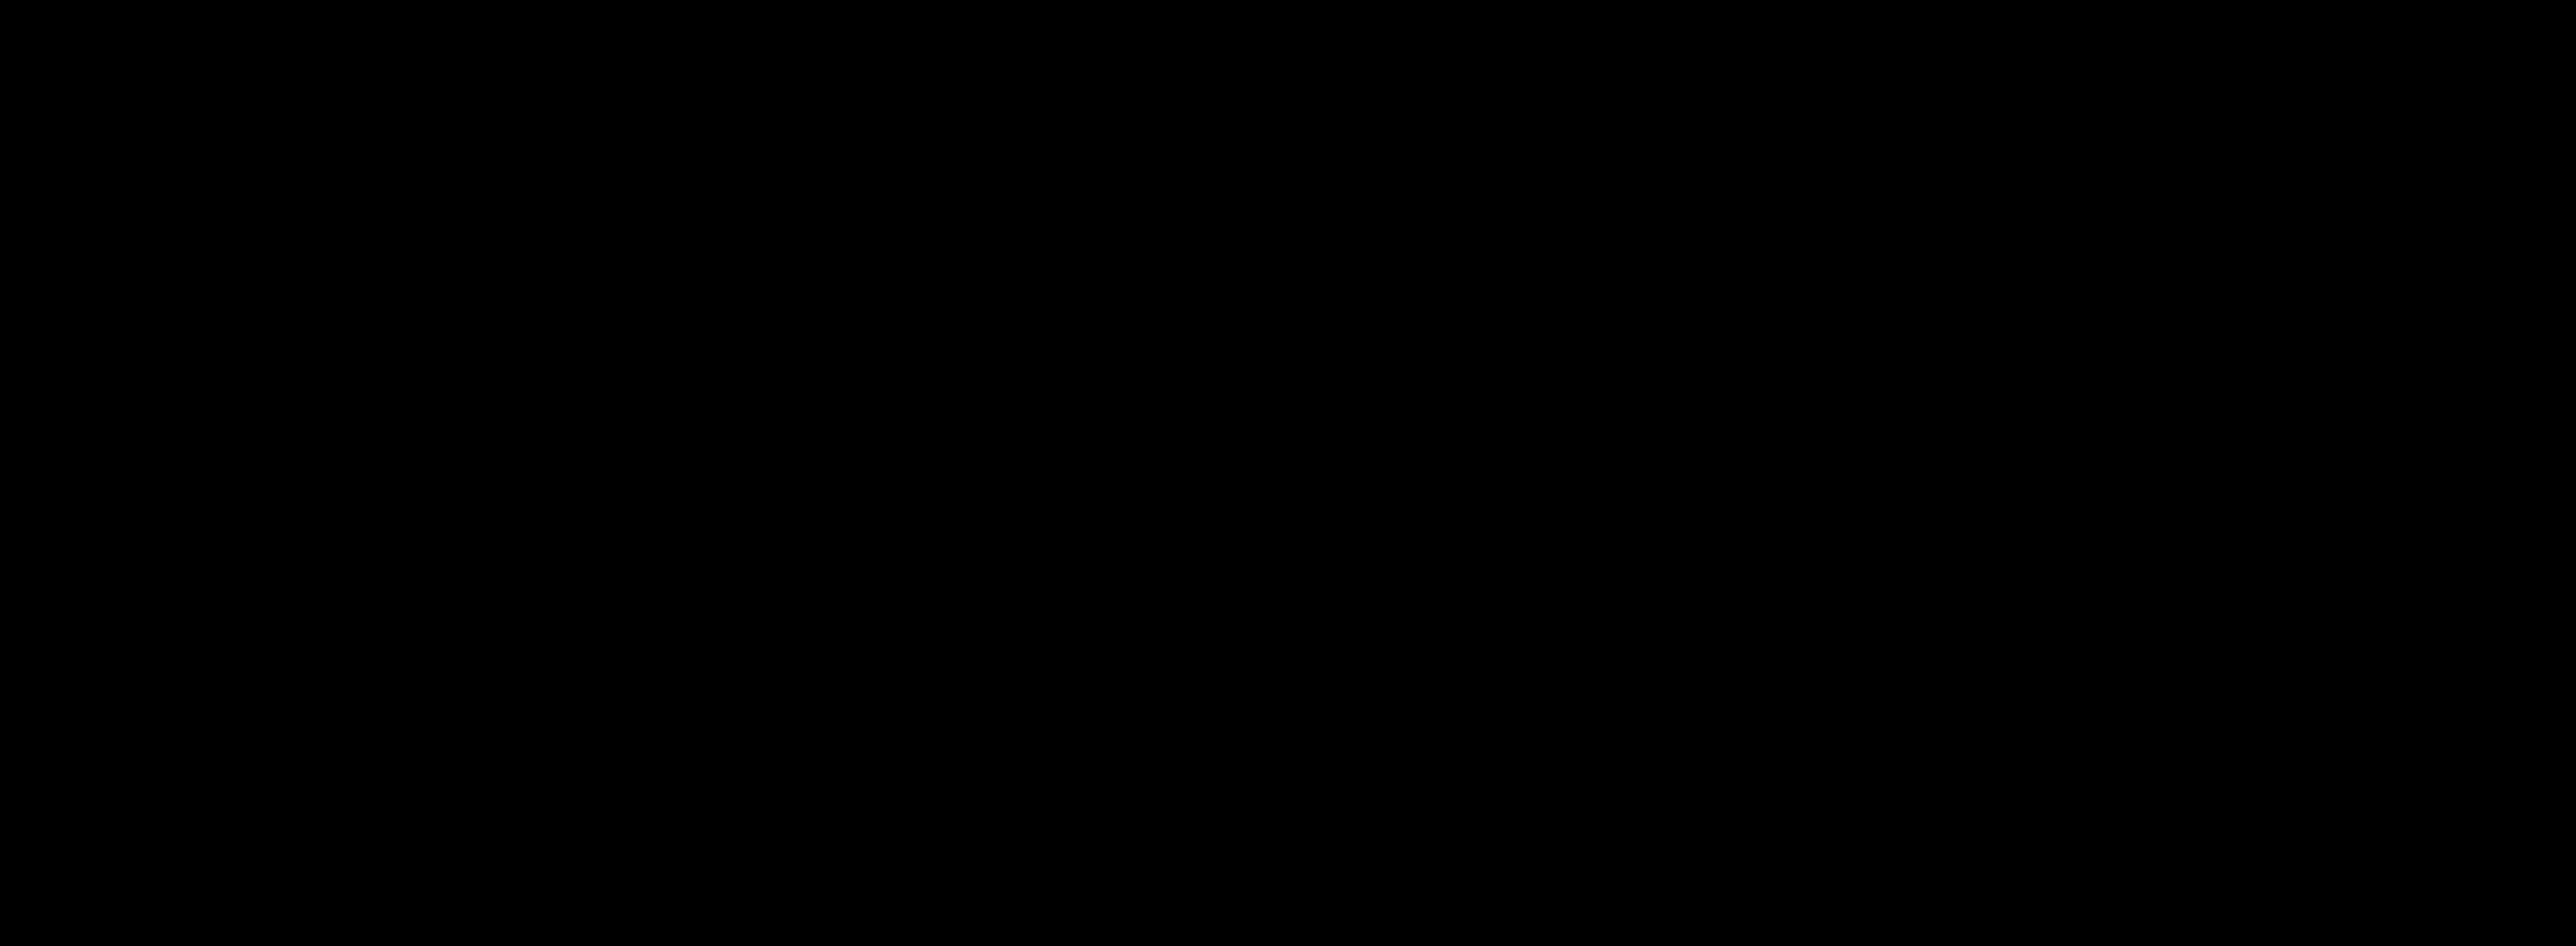 oakley logo 2 - Oakley Logo